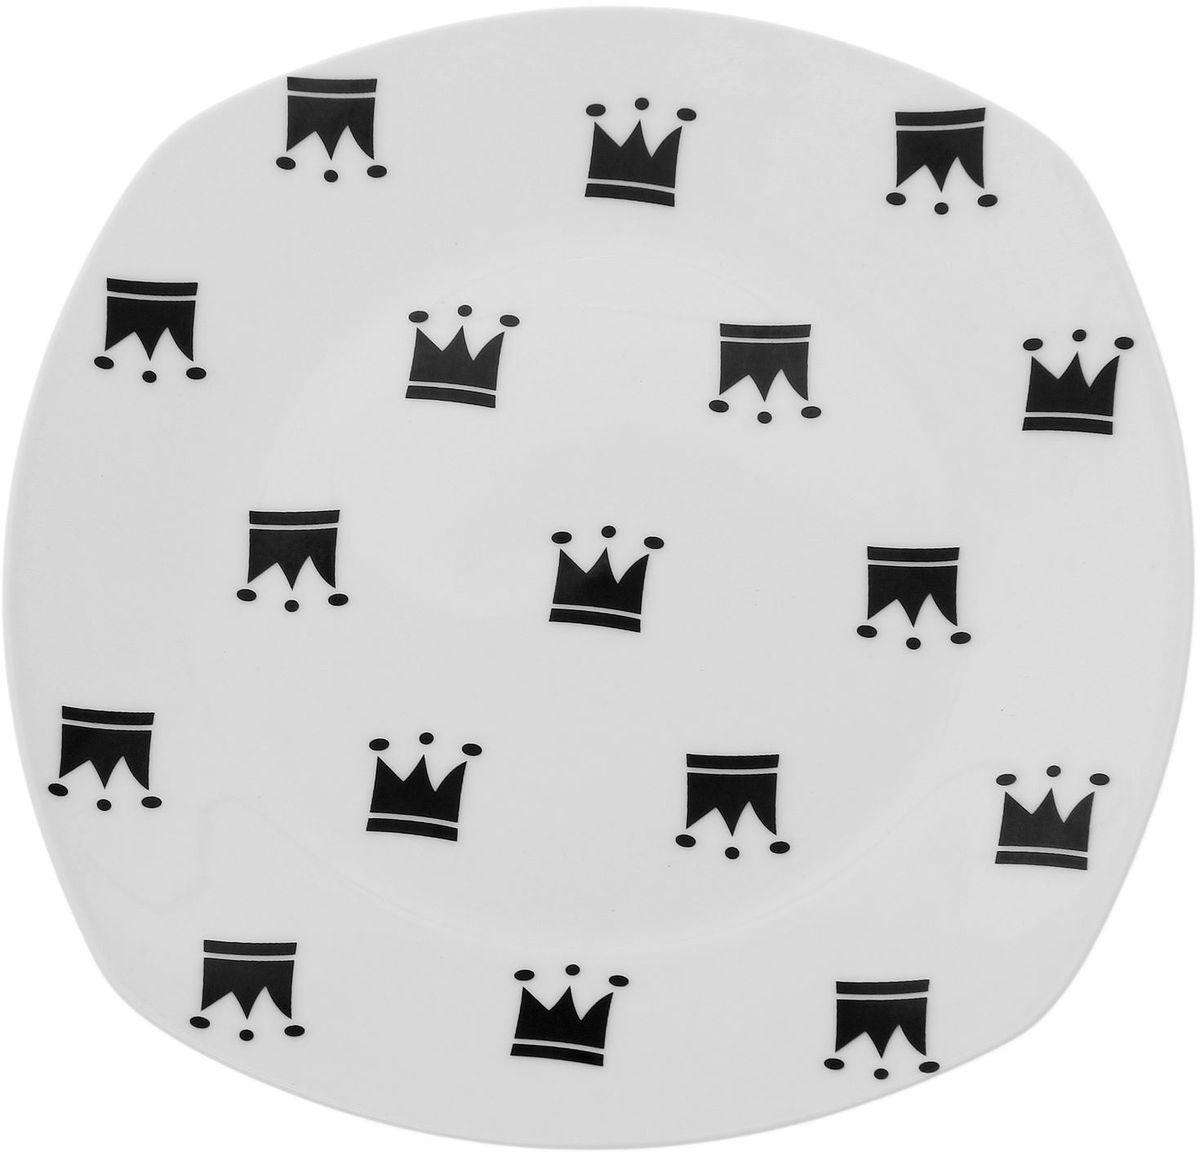 Тарелка Сотвори чудо My Little Crown, 20 х 20 см1661842Хотите обновить интерьер кухни или гостиной? Устраиваете необычную фотосессию или тематический праздник? А может, просто ищете подарок для близкого человека? Посуда « Сотвори Чудо» — правильный выбор в любой ситуации. Её достоинства: изящный фаянс нежного сливочного цвета; стойкость краски; пригодность для посудомоечных машин.